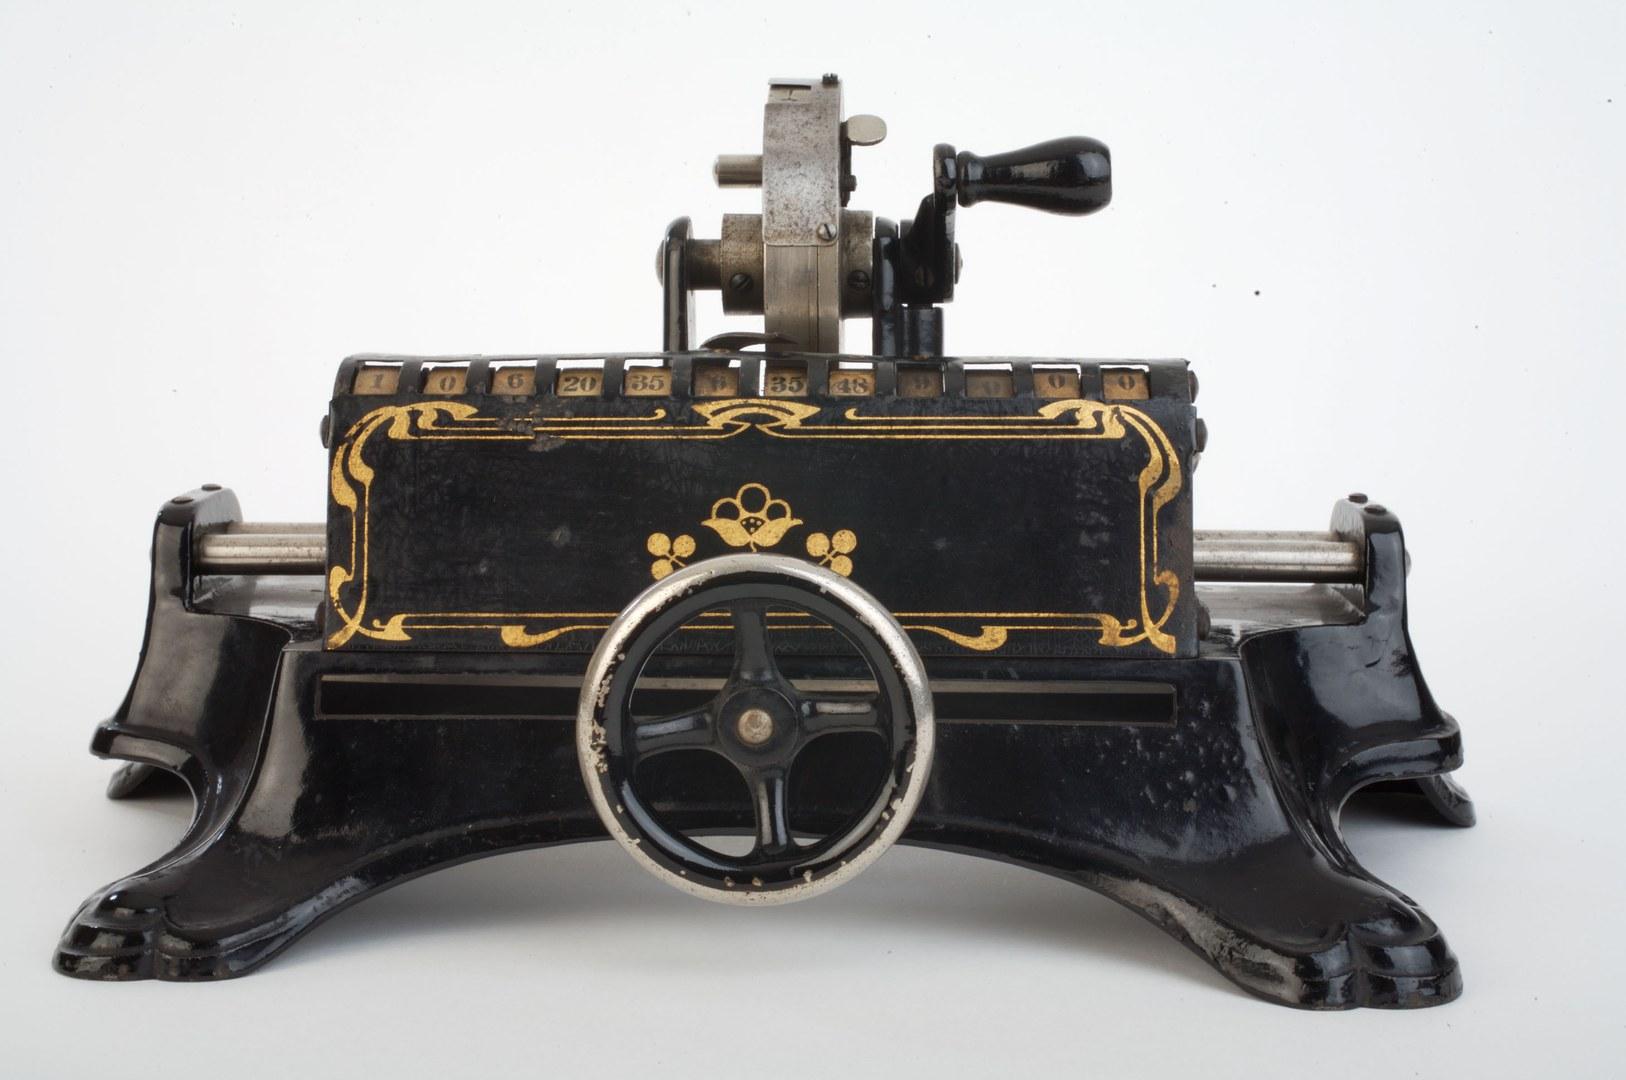 Rechenmaschine mit ungewöhnlichem Design: